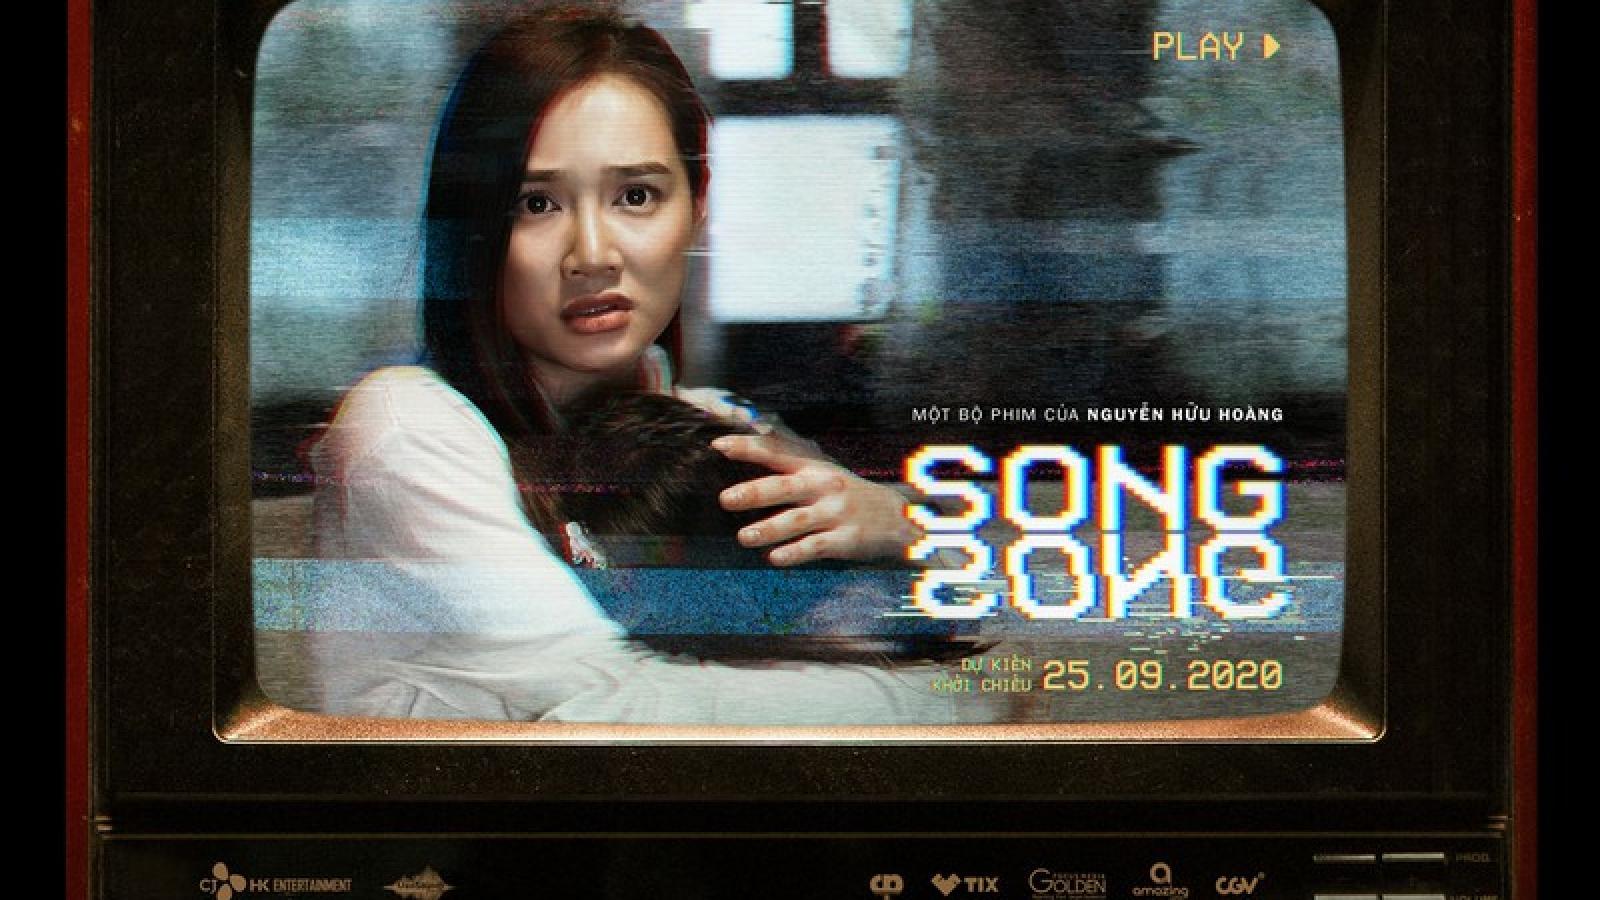 """Nhã Phương gây tò mò, nhóm 1977 Vlog xuất hiện trong trailer """"Song song"""""""